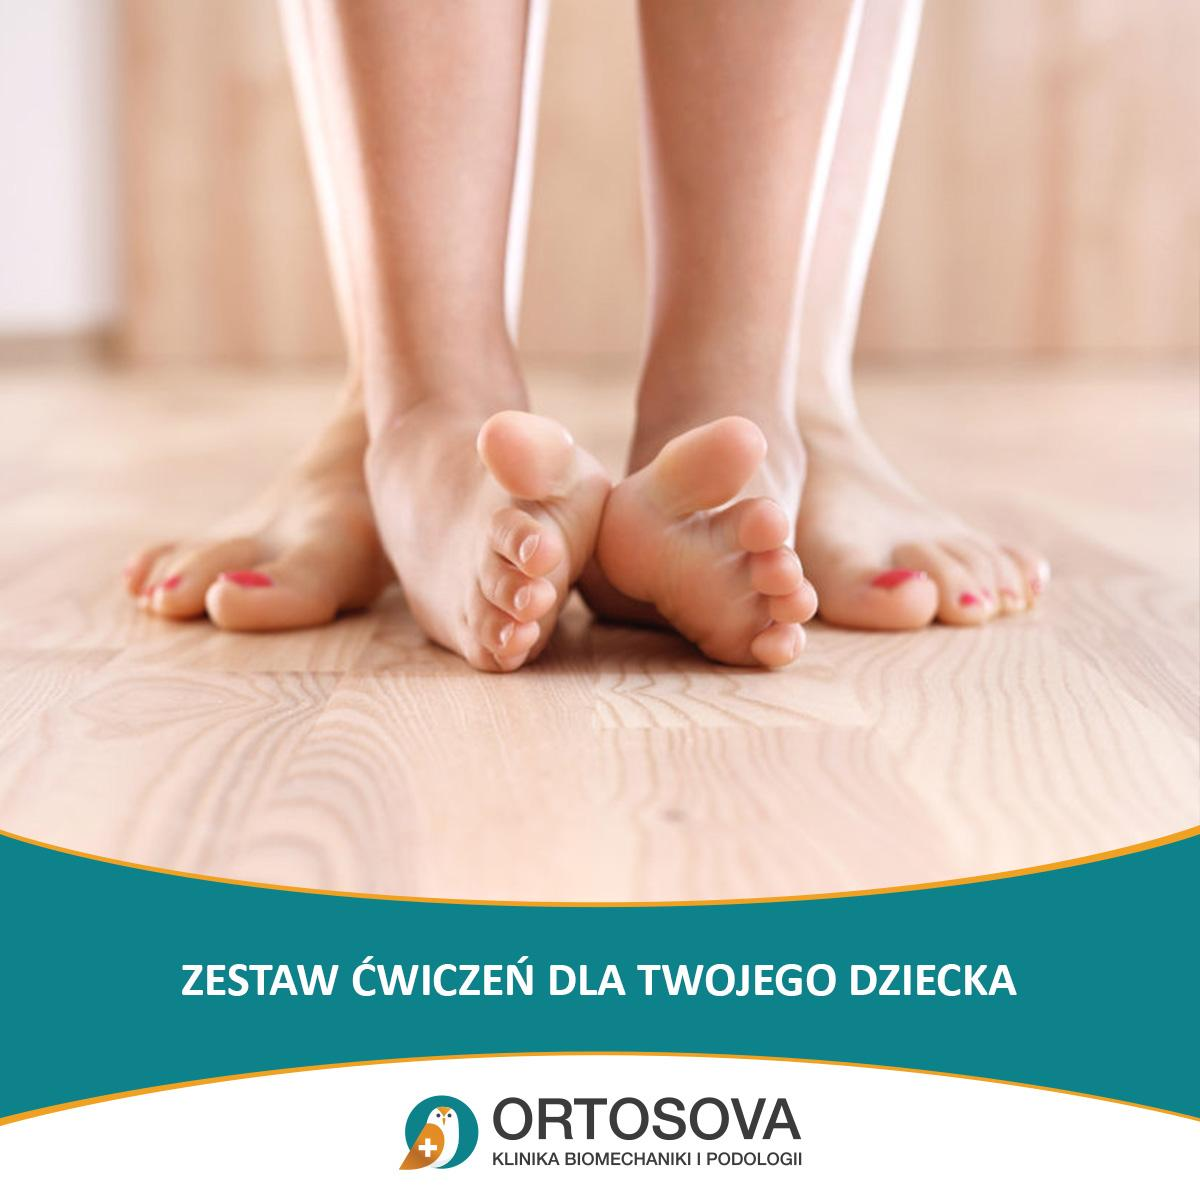 ORTO_cwiczenia_zestaw-1.jpg